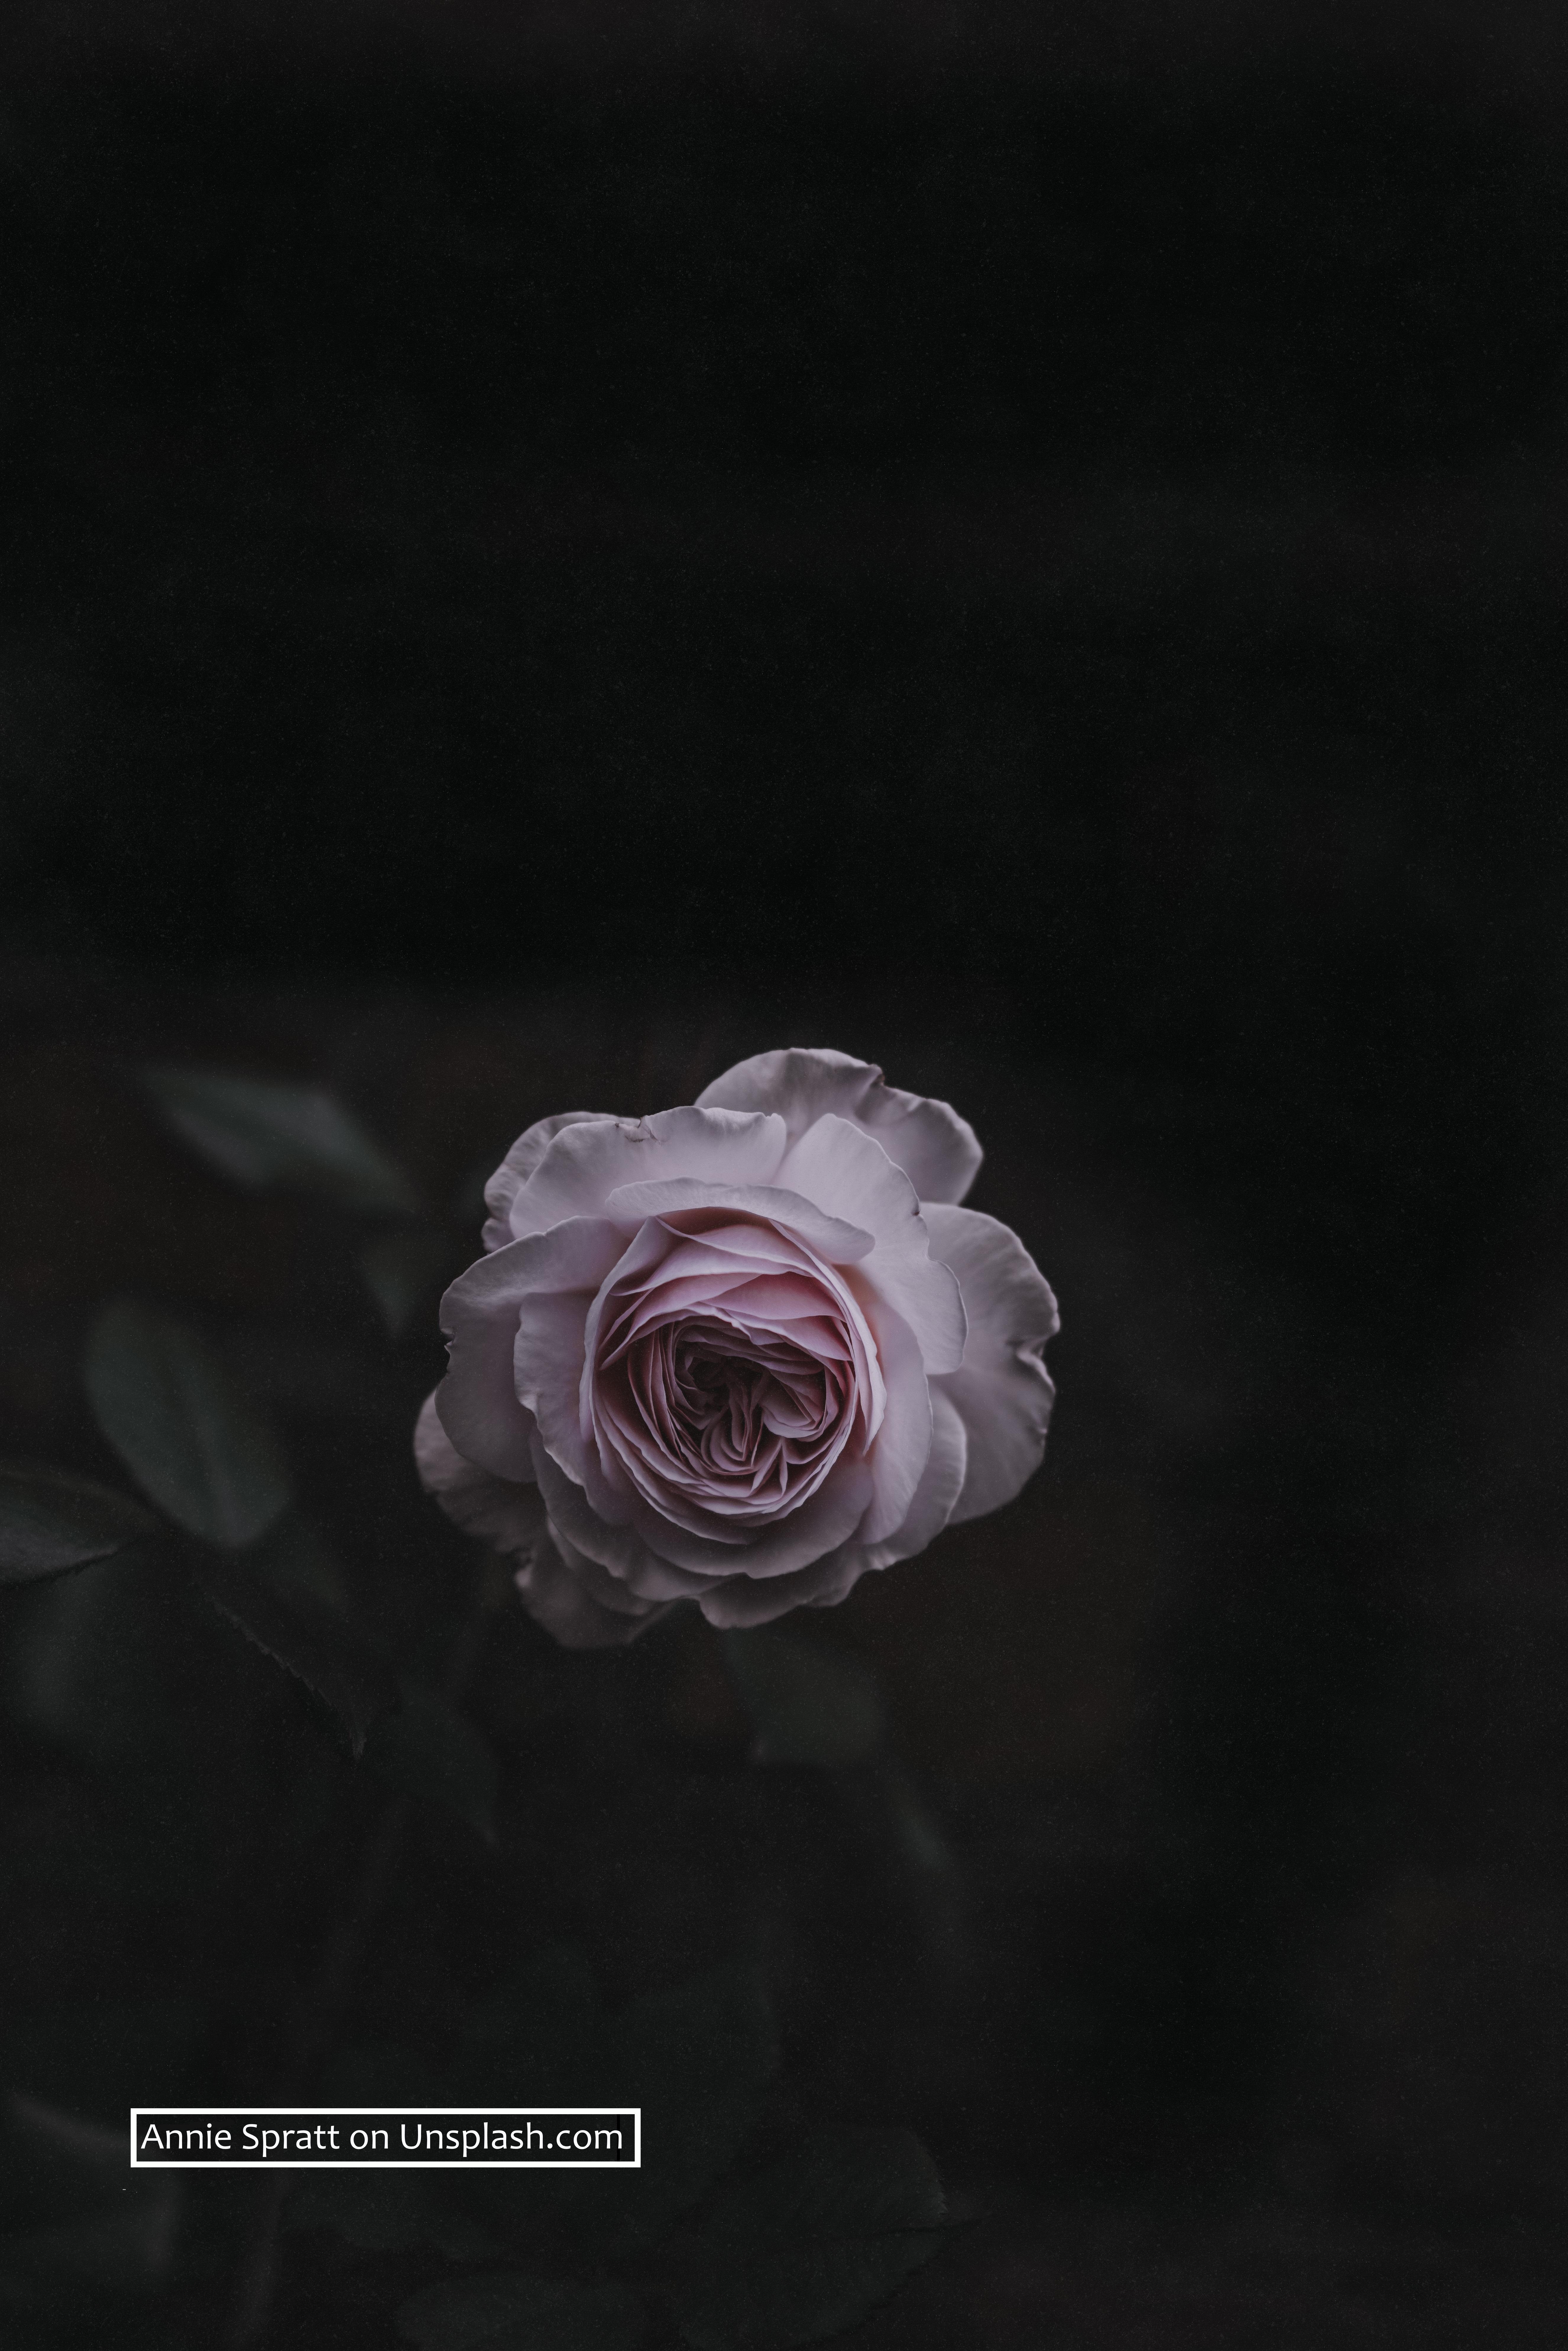 Rose Image by Annie Spratt Unsplash!